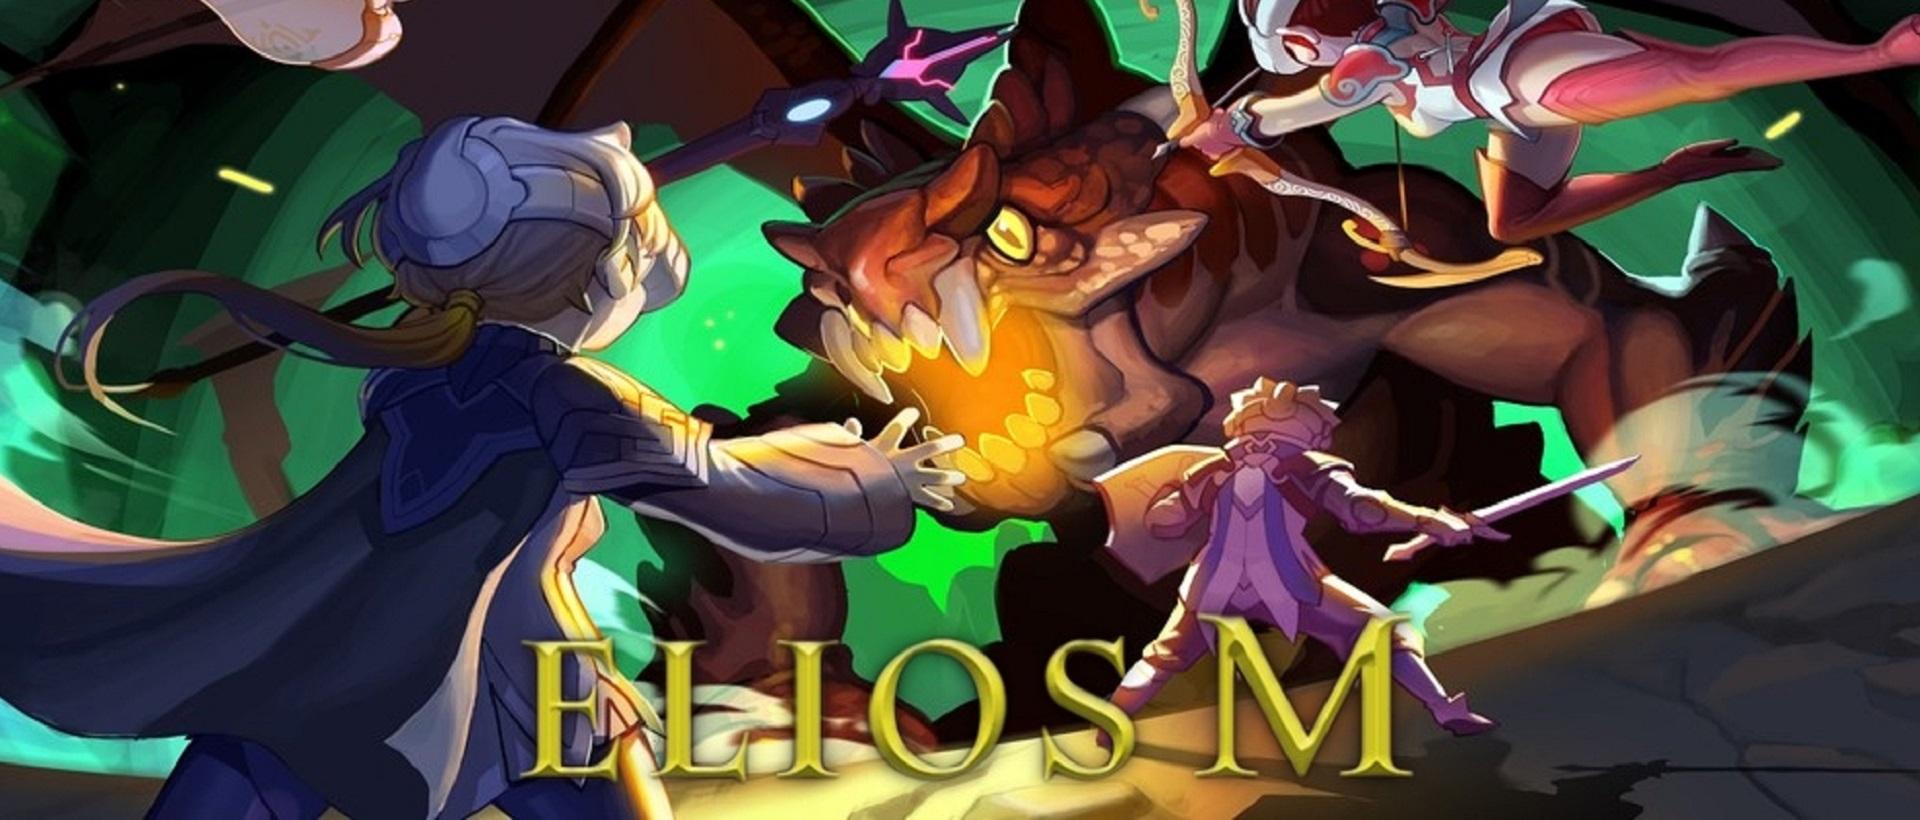 EliosM